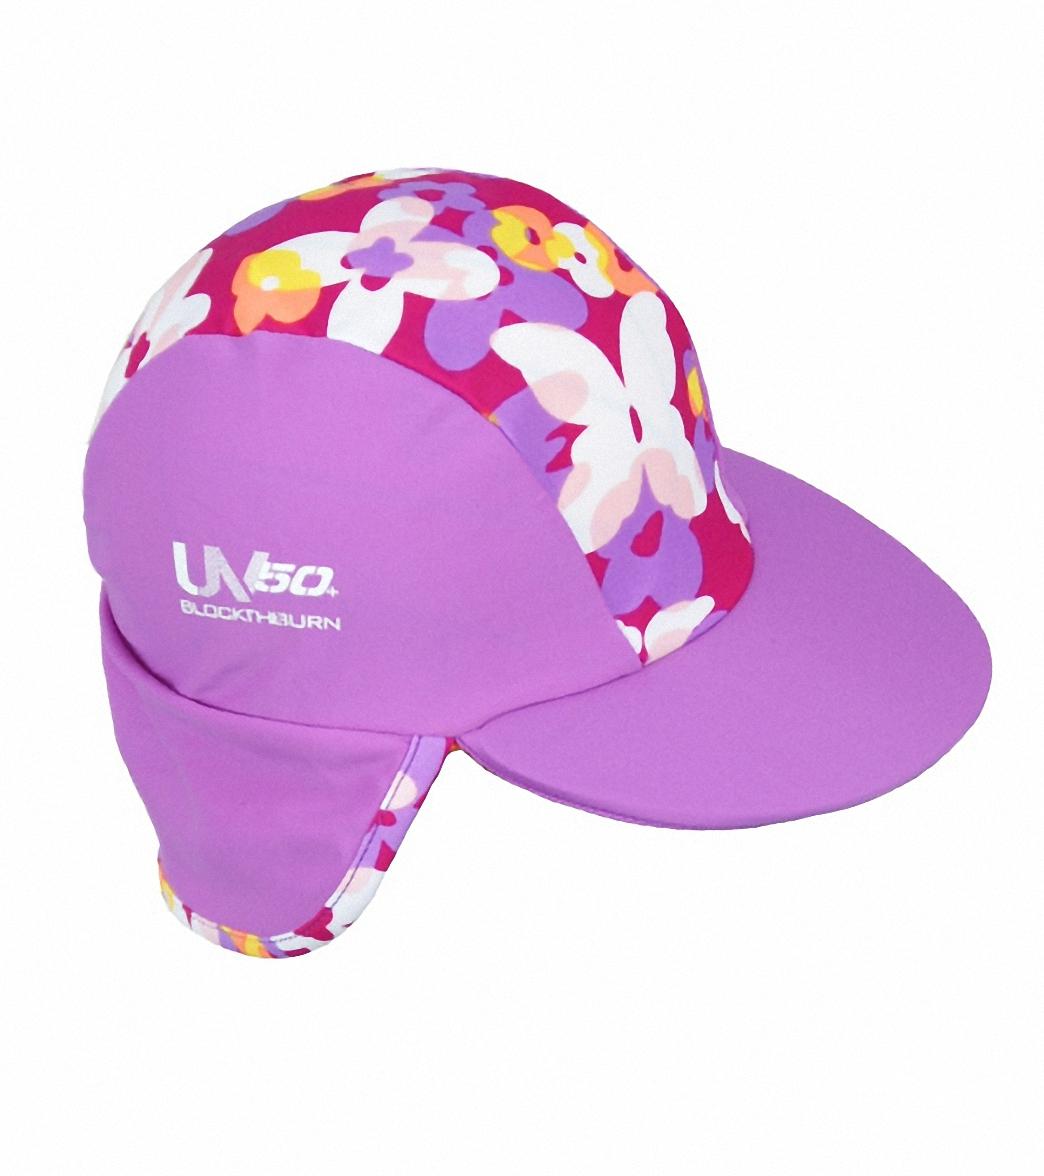 fca05887cc8 Speedo Kid s UV Safari Hat at SwimOutlet.com